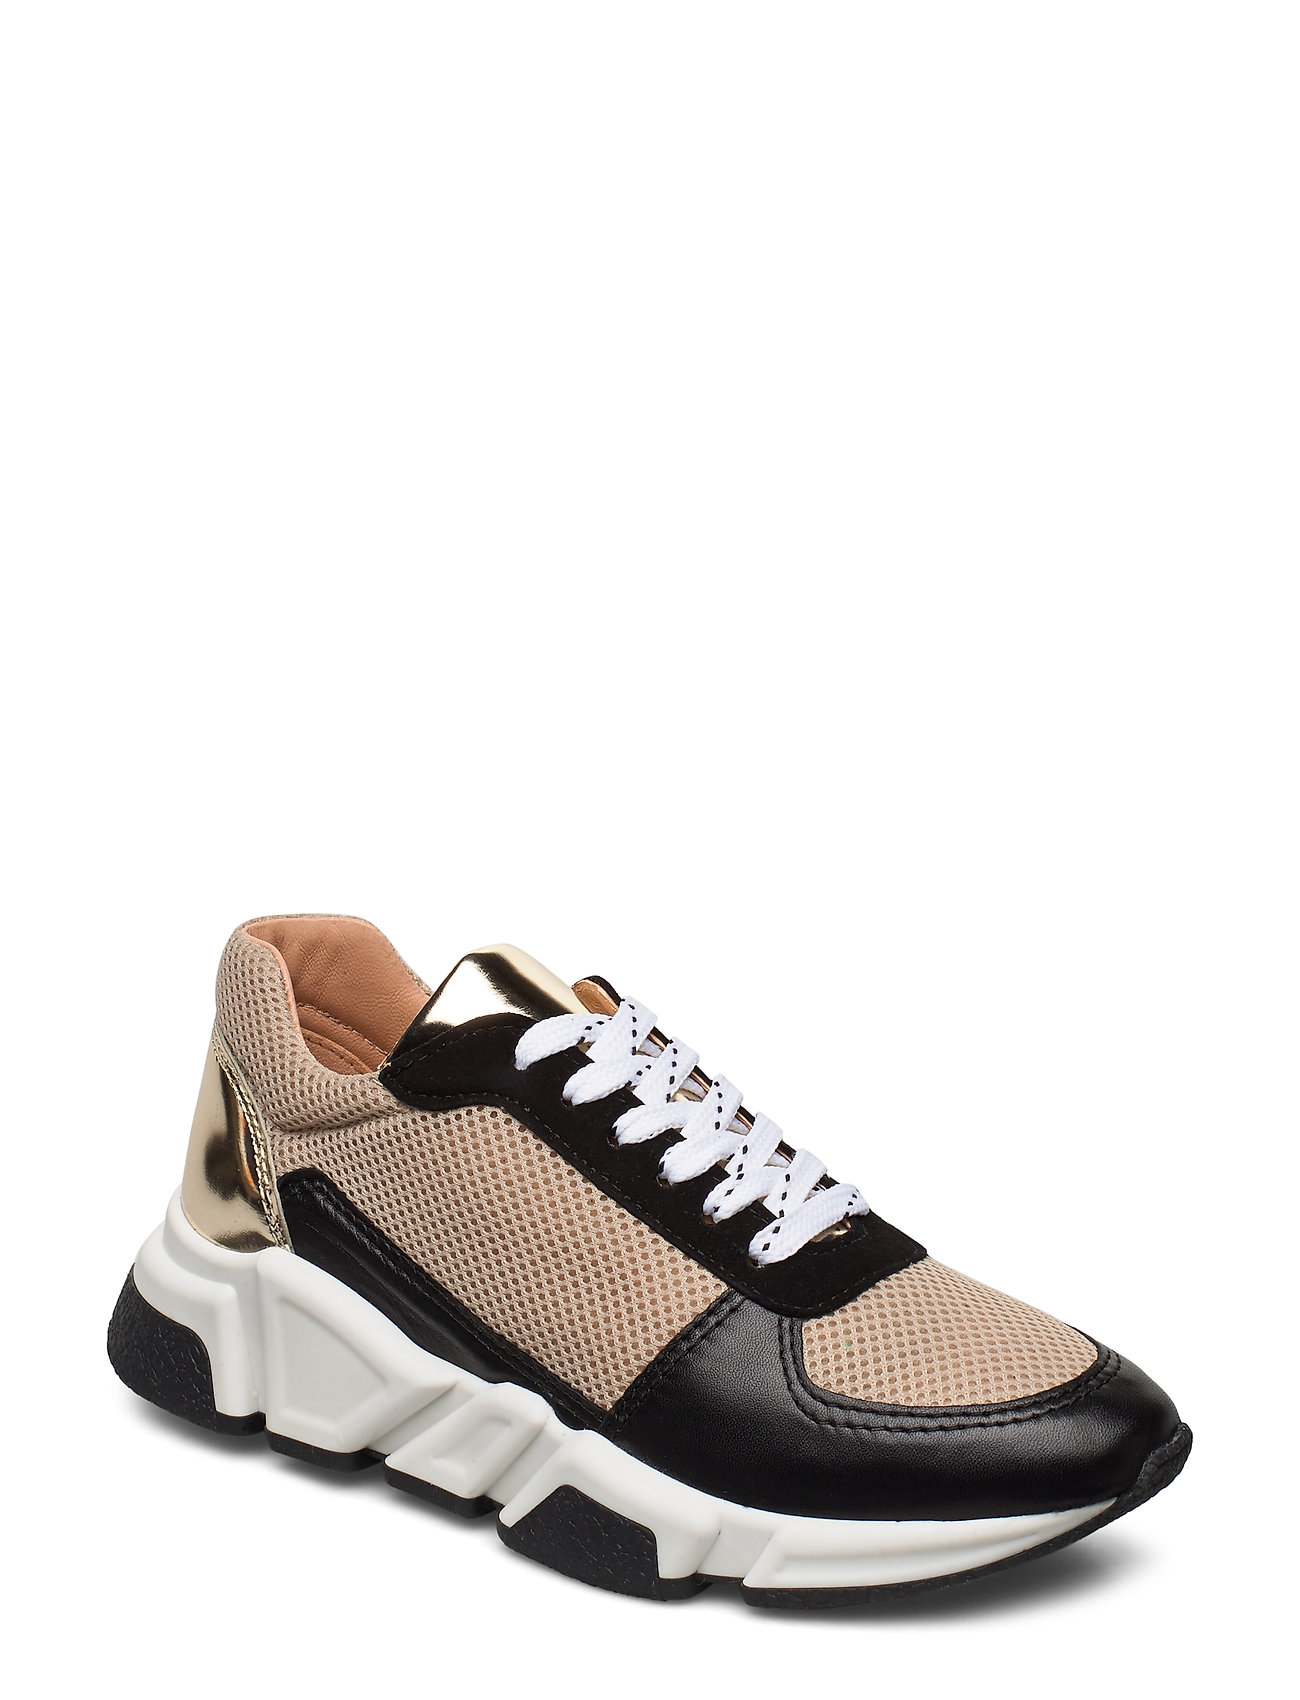 Image of Sport 14261 Low-top Sneakers Beige Billi Bi (3329983719)